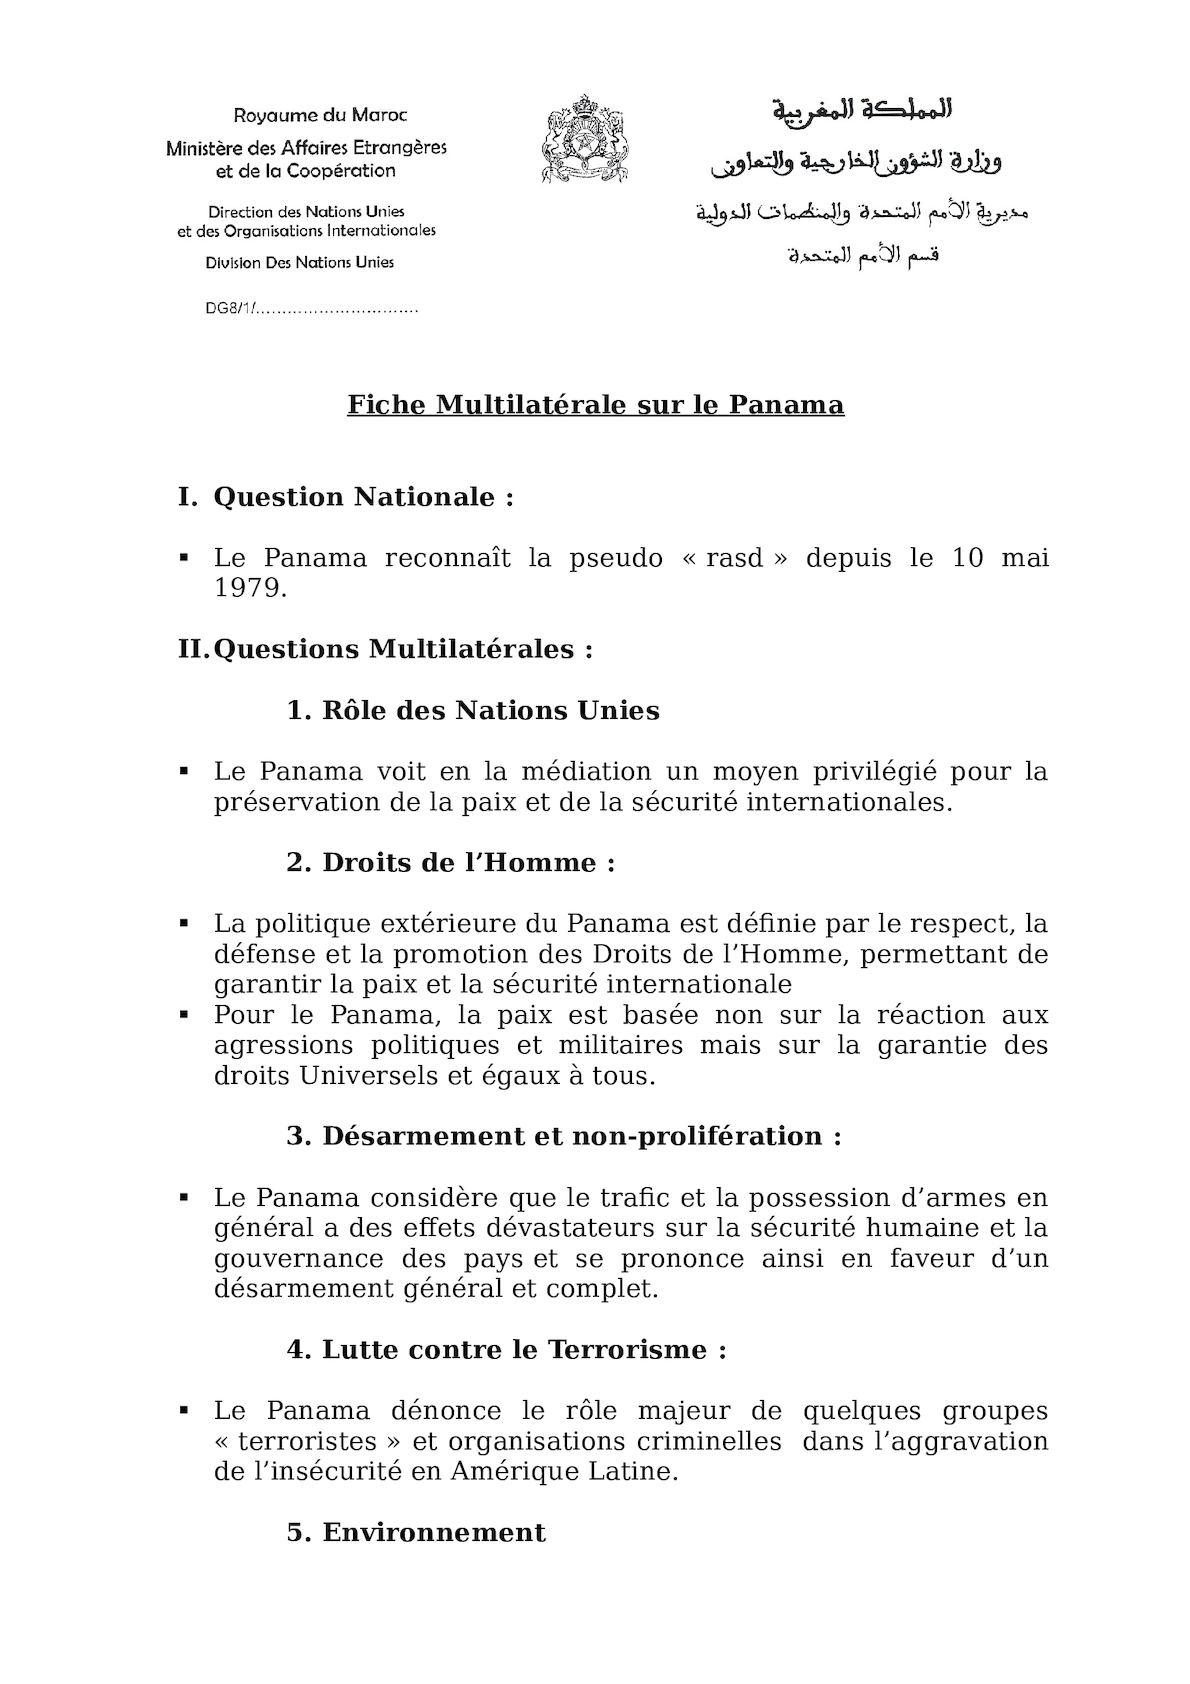 Fiche Multilatérale Sur Le Panama Juin 2012